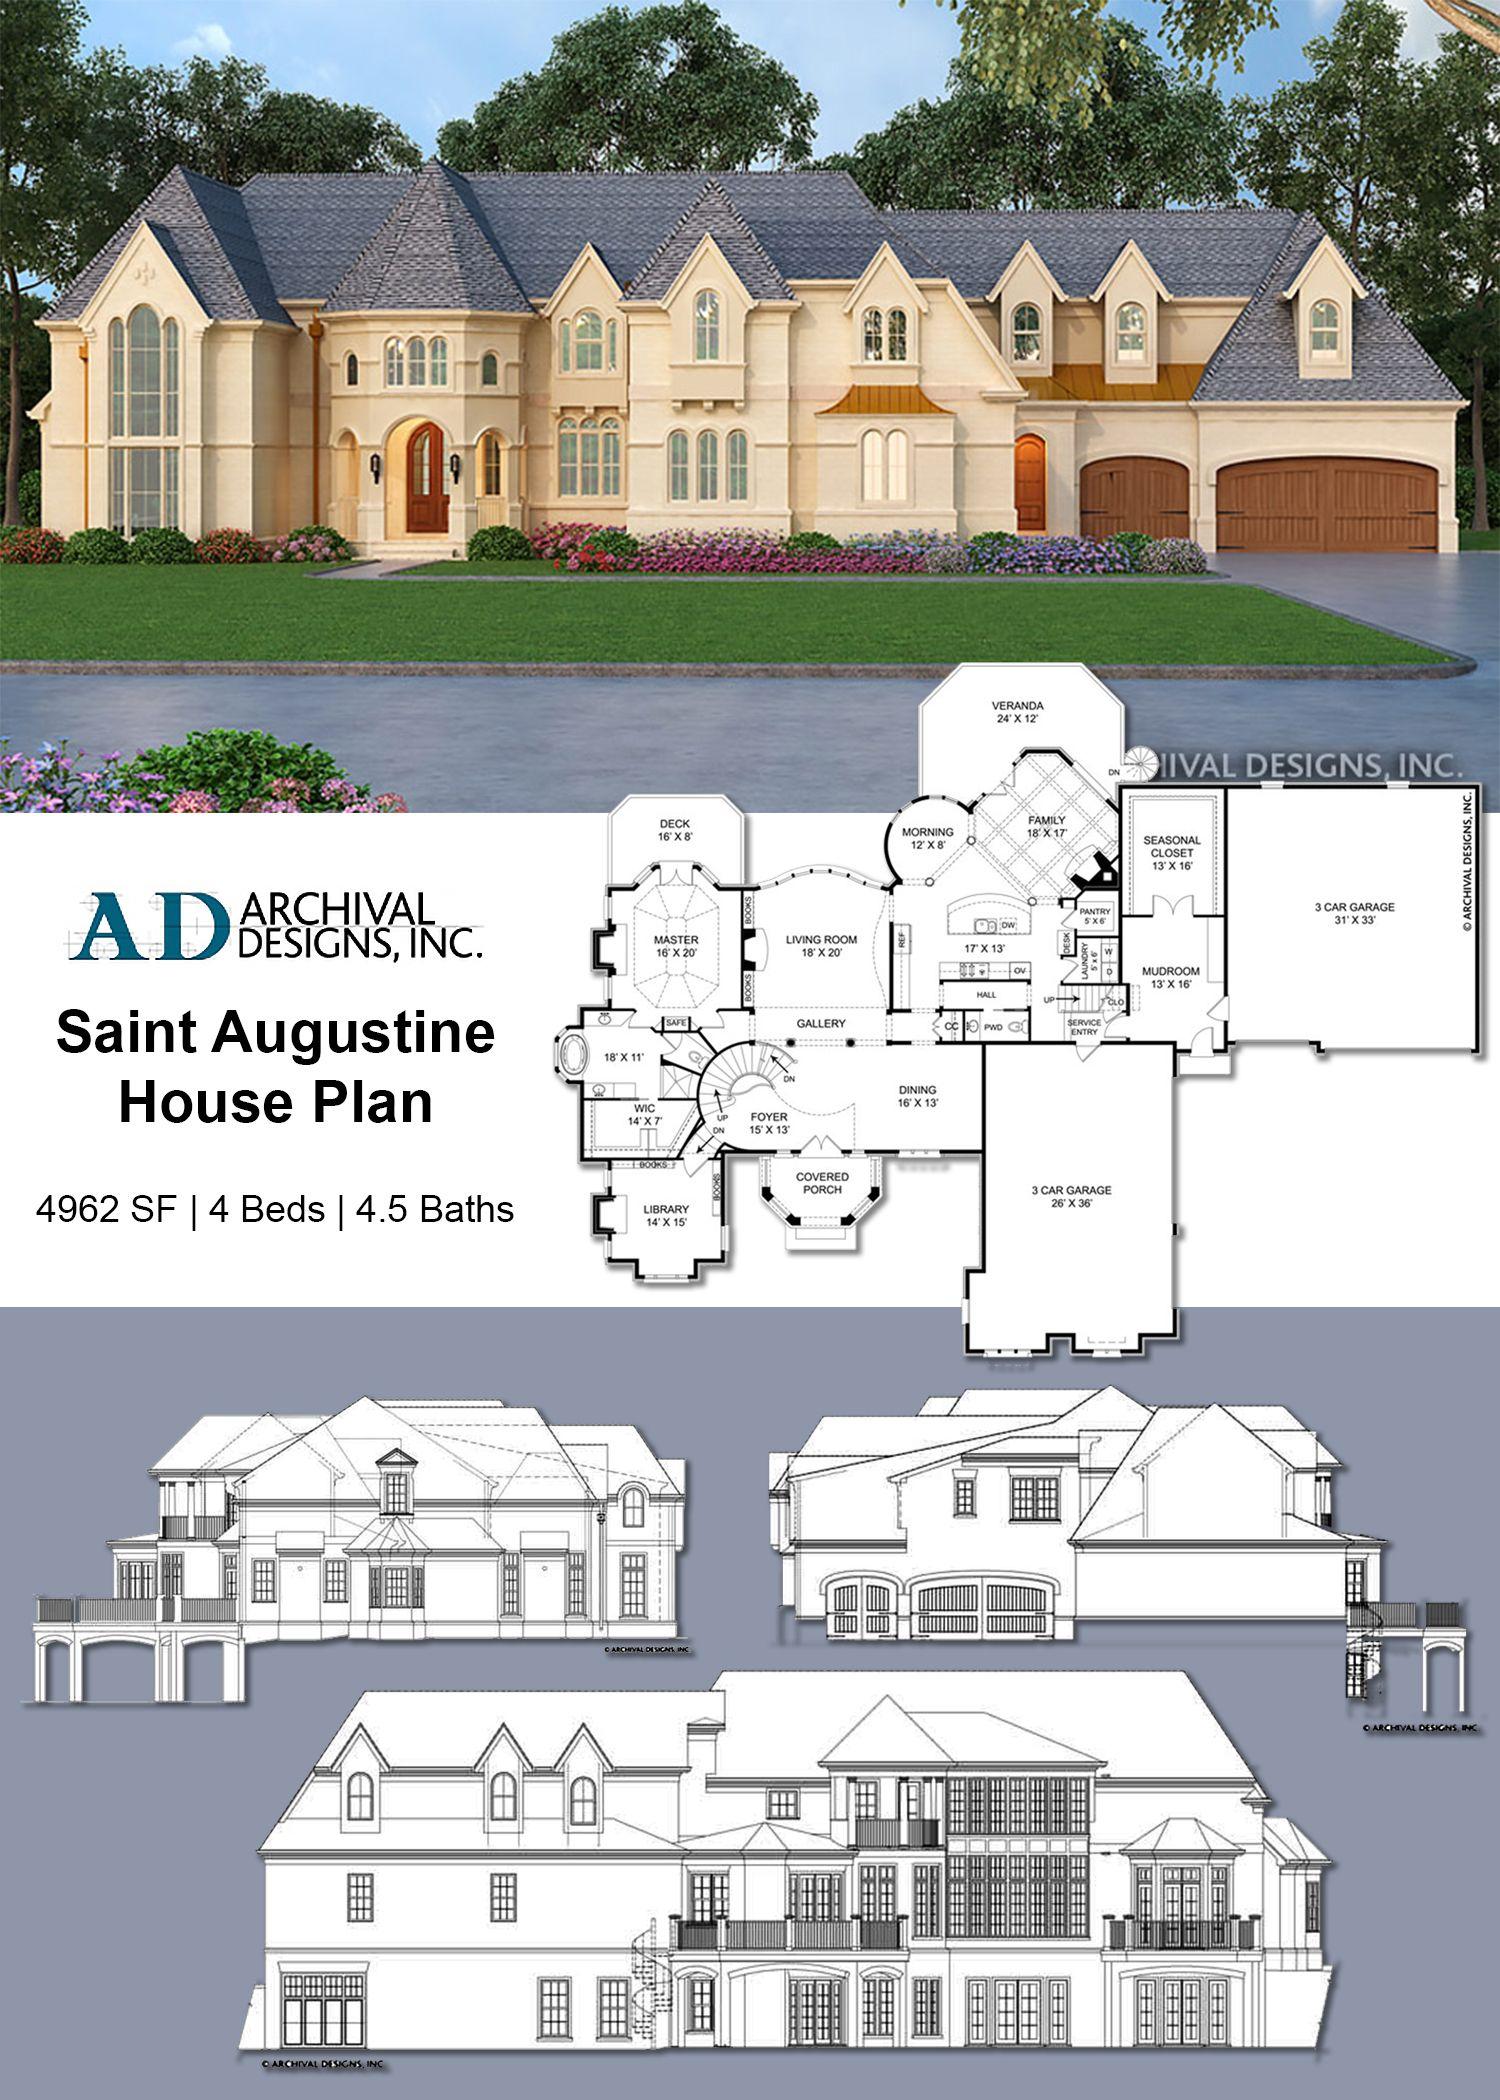 Saint Augustine House Plan House Plans New House Plans House Blueprints